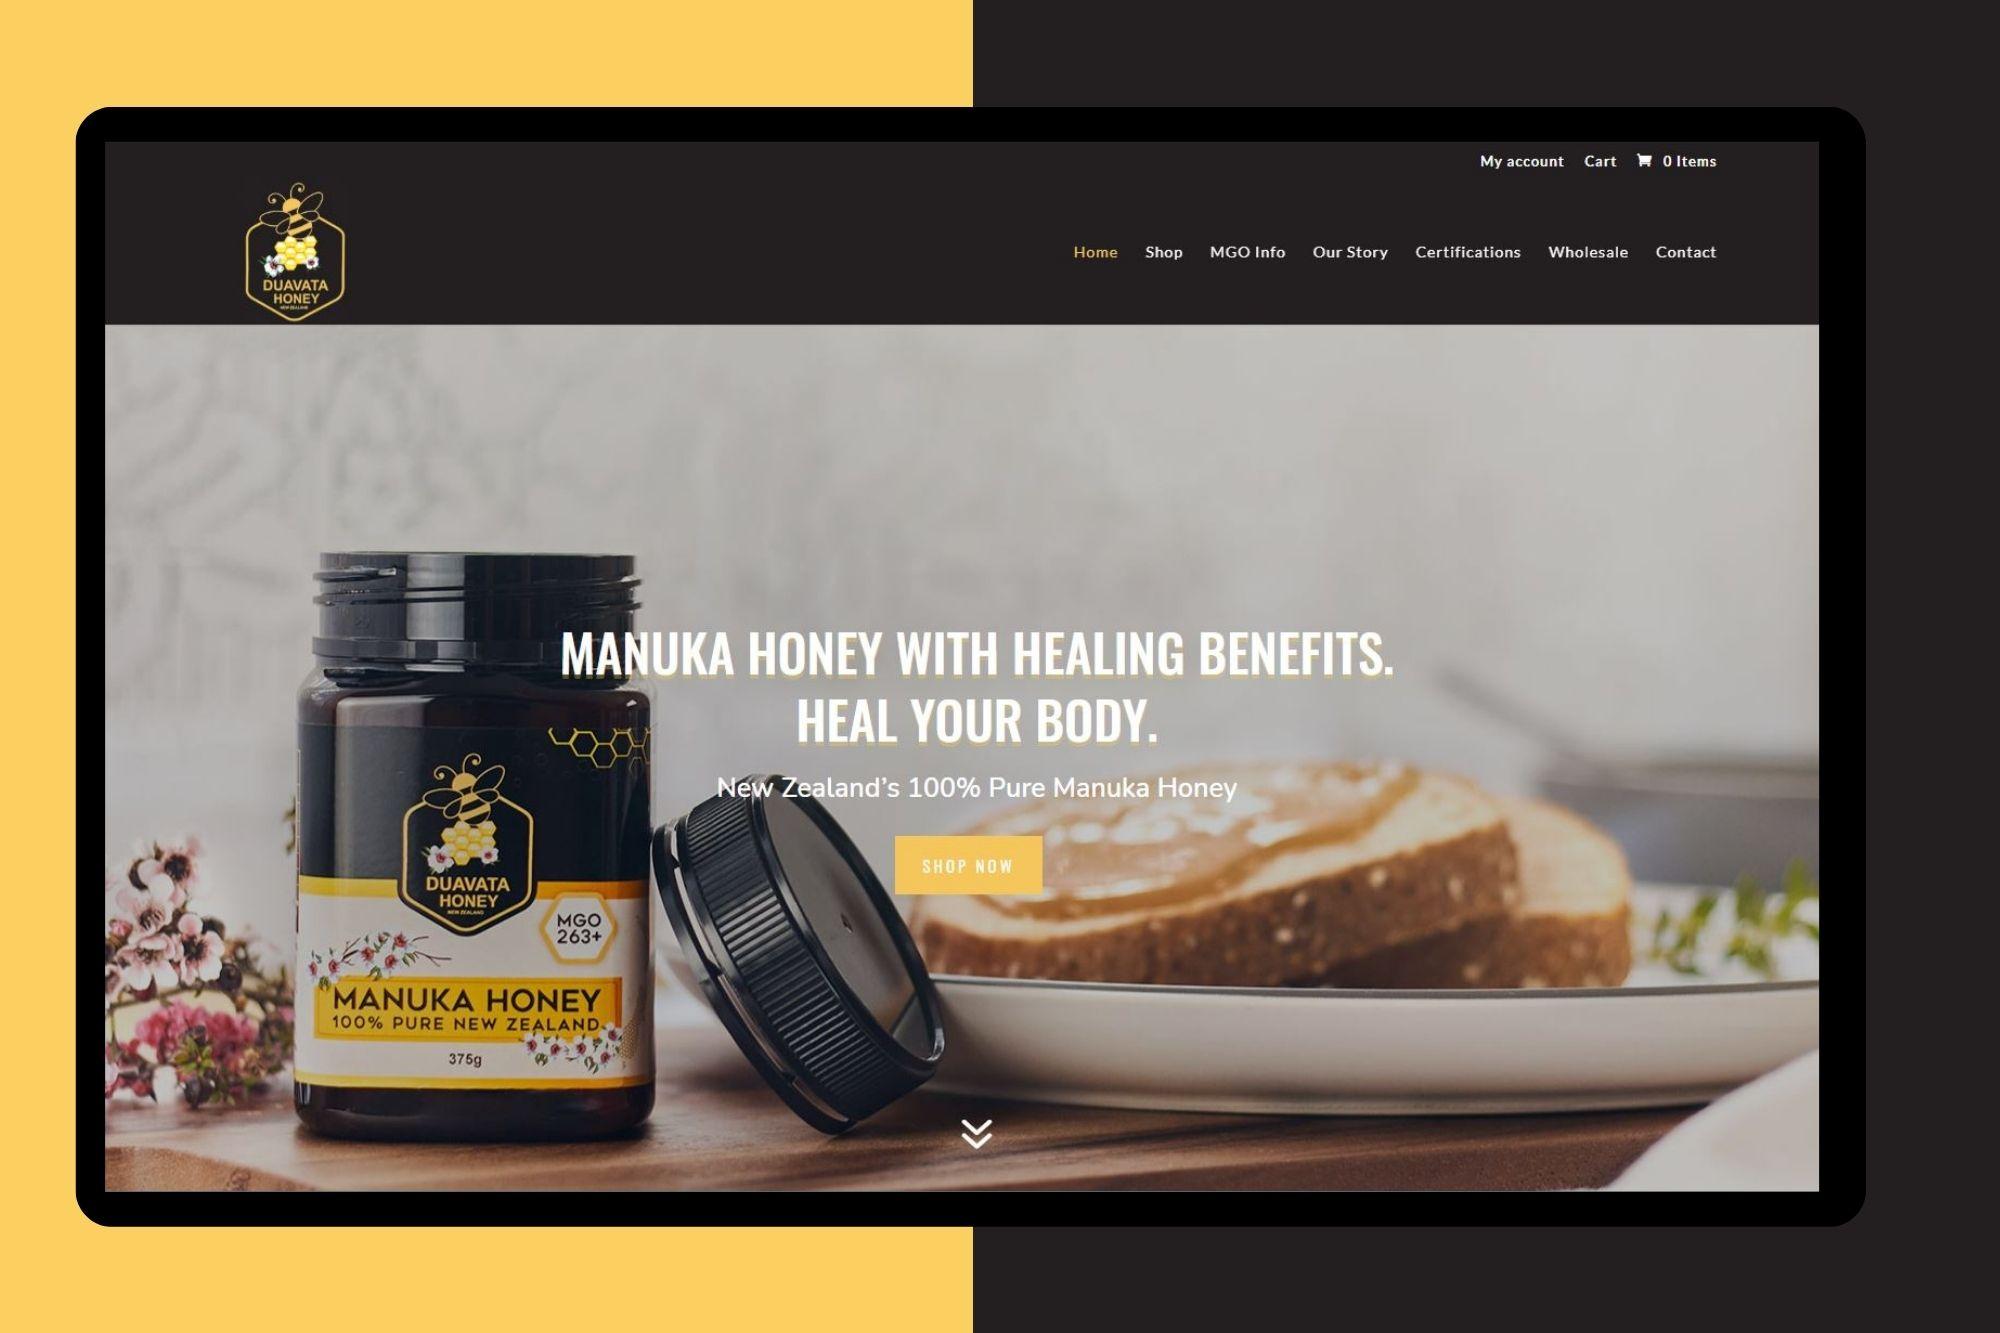 duavata honey website development cloud media